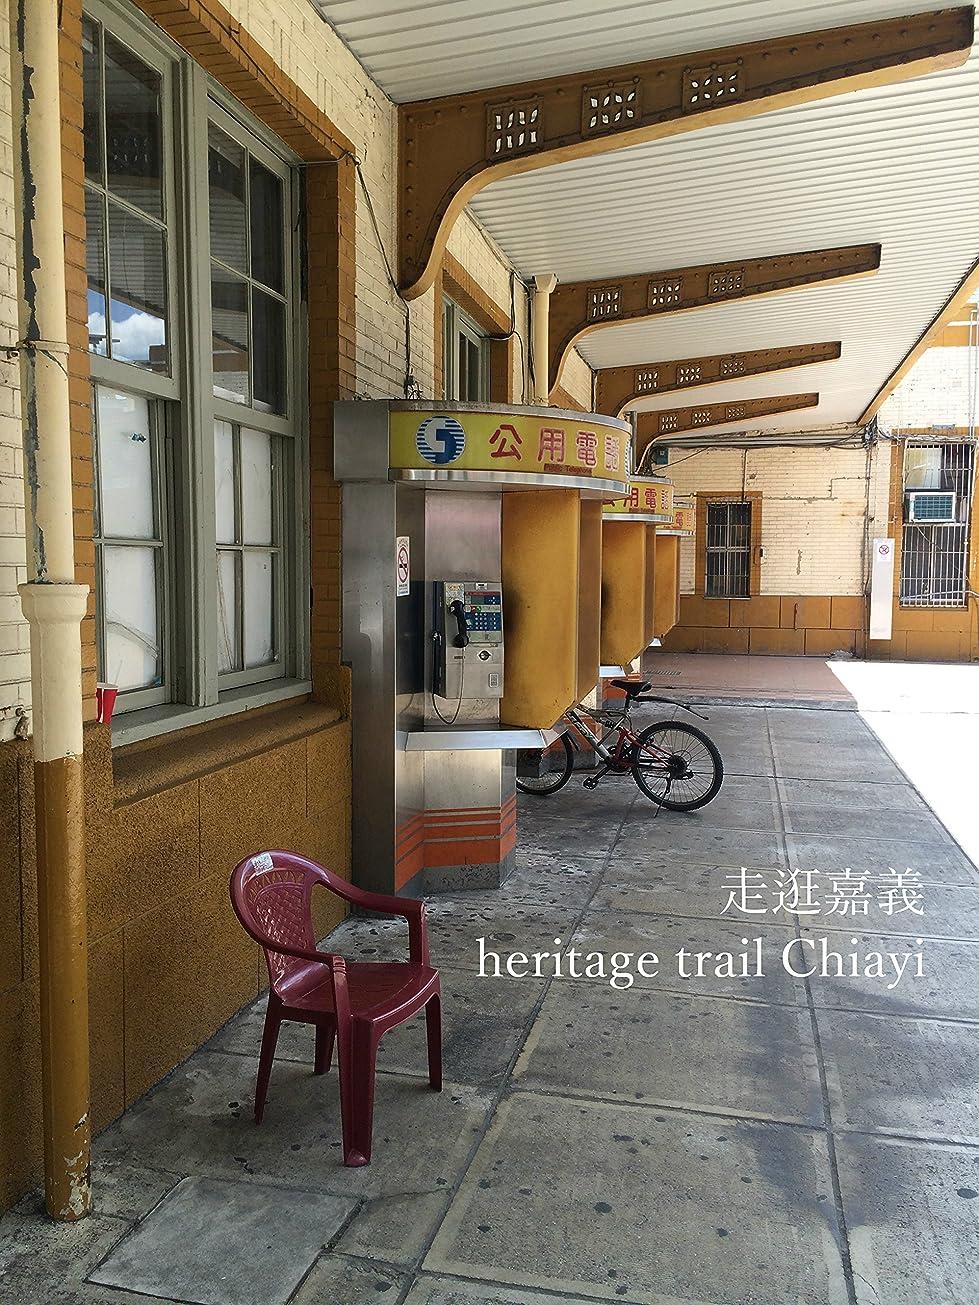 知っているに立ち寄るタイプオフセット走逛嘉義 heritage trail Chiayi 七桃嘉義の嘉義散歩